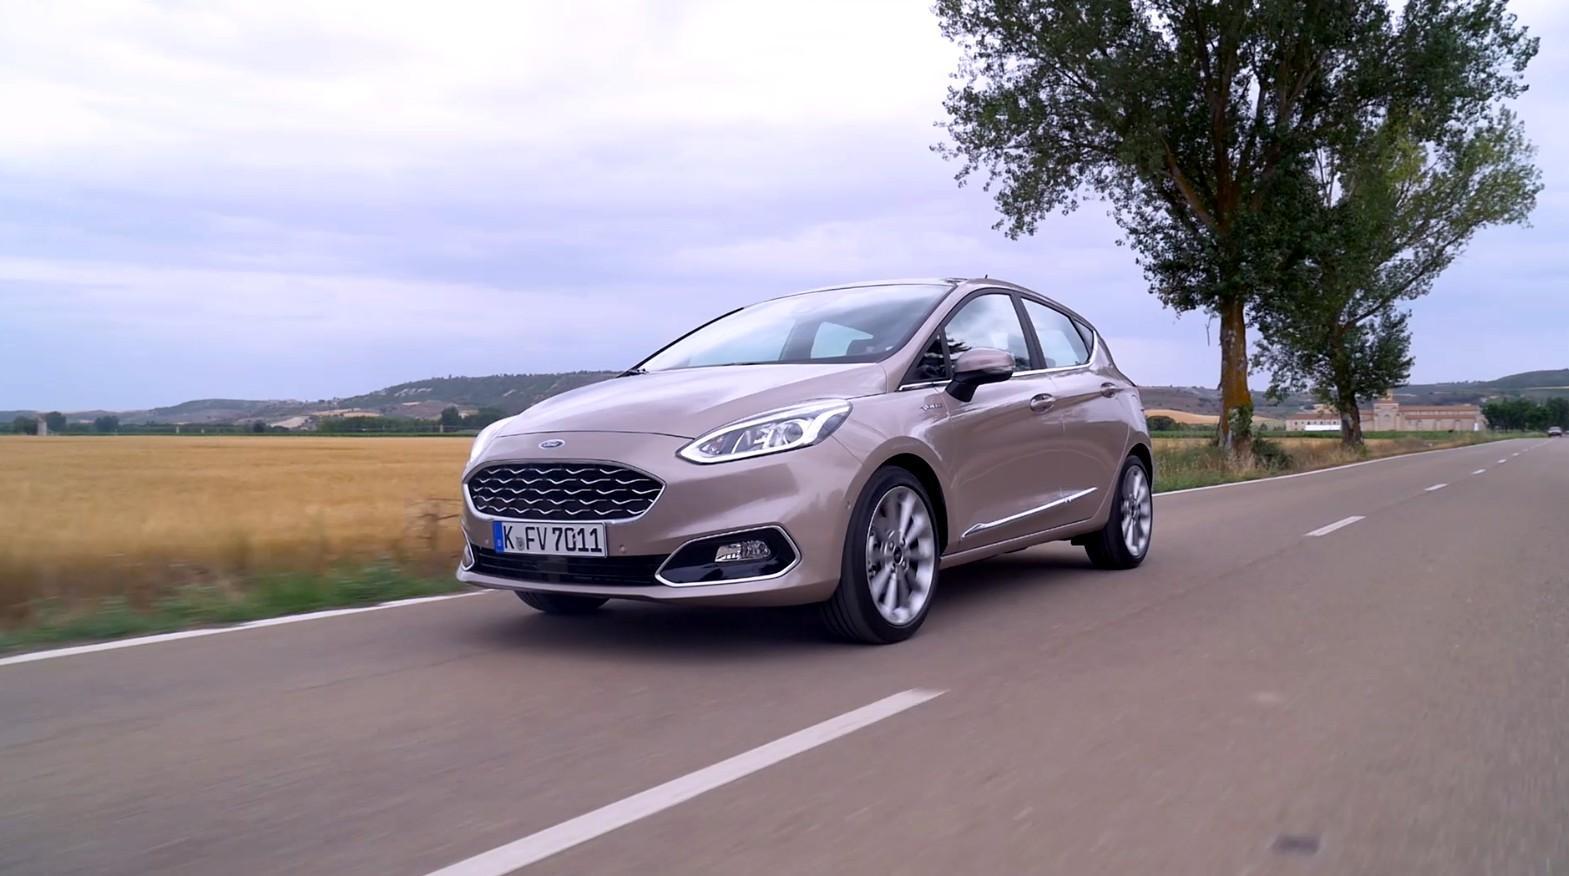 Ford Fiesta generazione sette